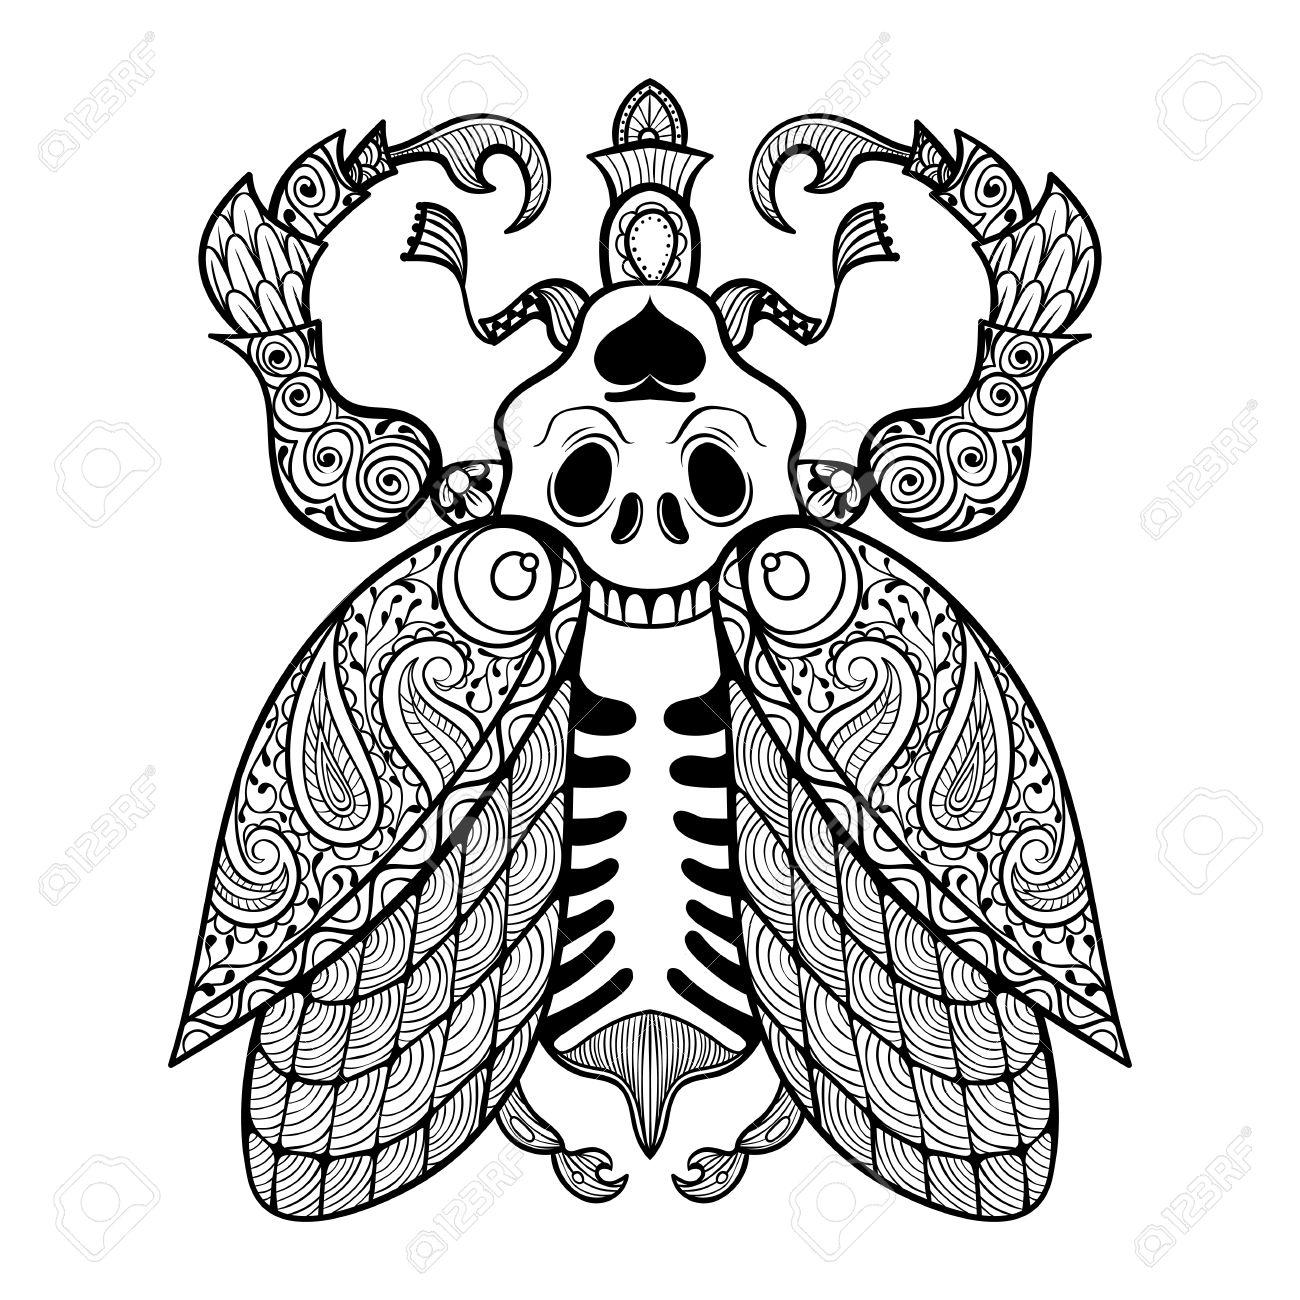 Único Insecto De Rayo Para Colorear Imagen - Dibujos Para Colorear ...